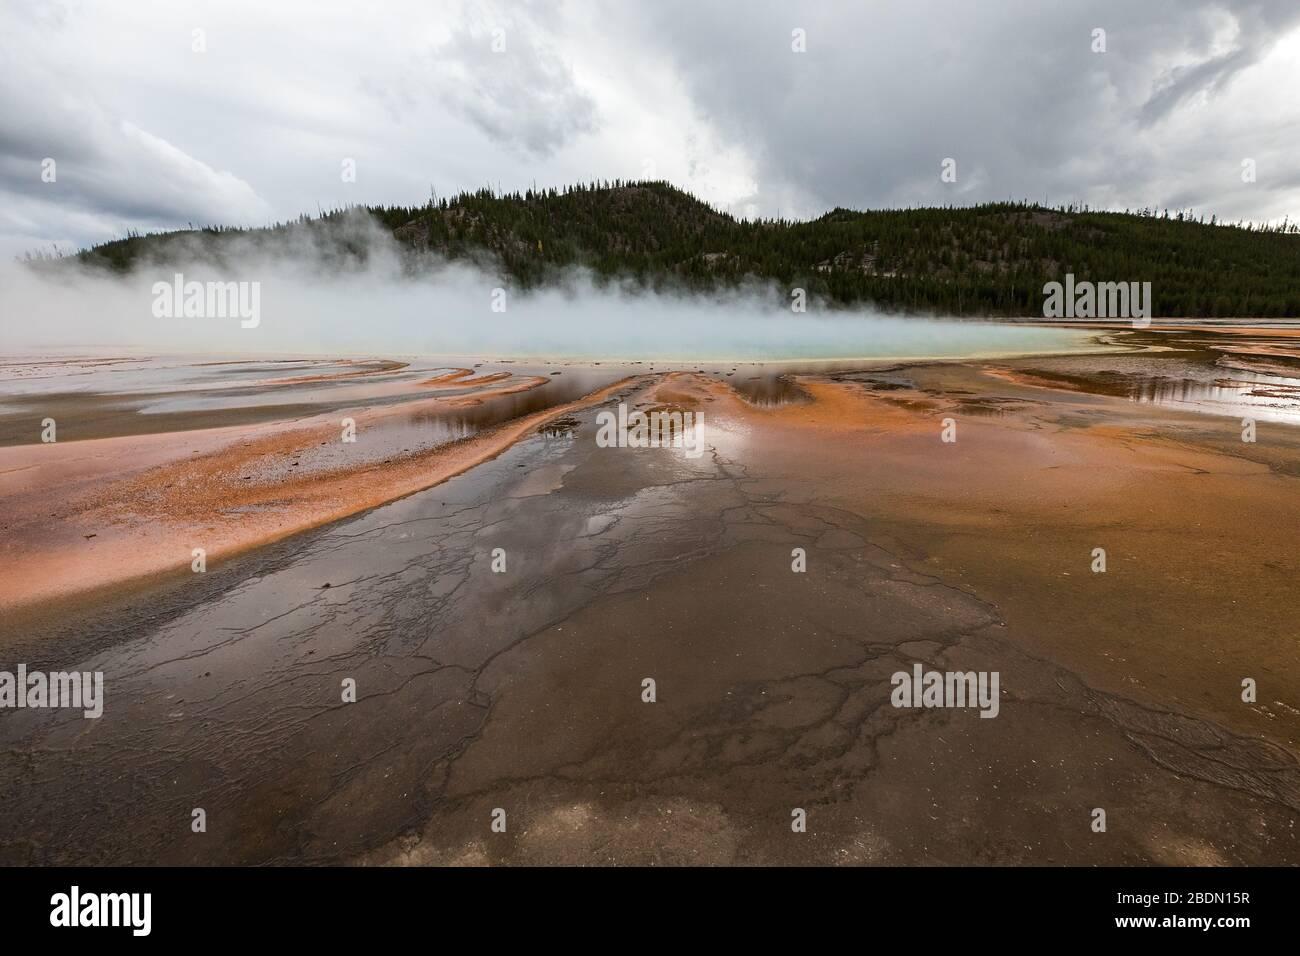 Grand Printemps prismatique dans le parc national de Yellowstone une journée d'automne pluvieuse, les couleurs des tapis de bactéries montrent les caractéristiques dramatiques de Yellowstone. Banque D'Images